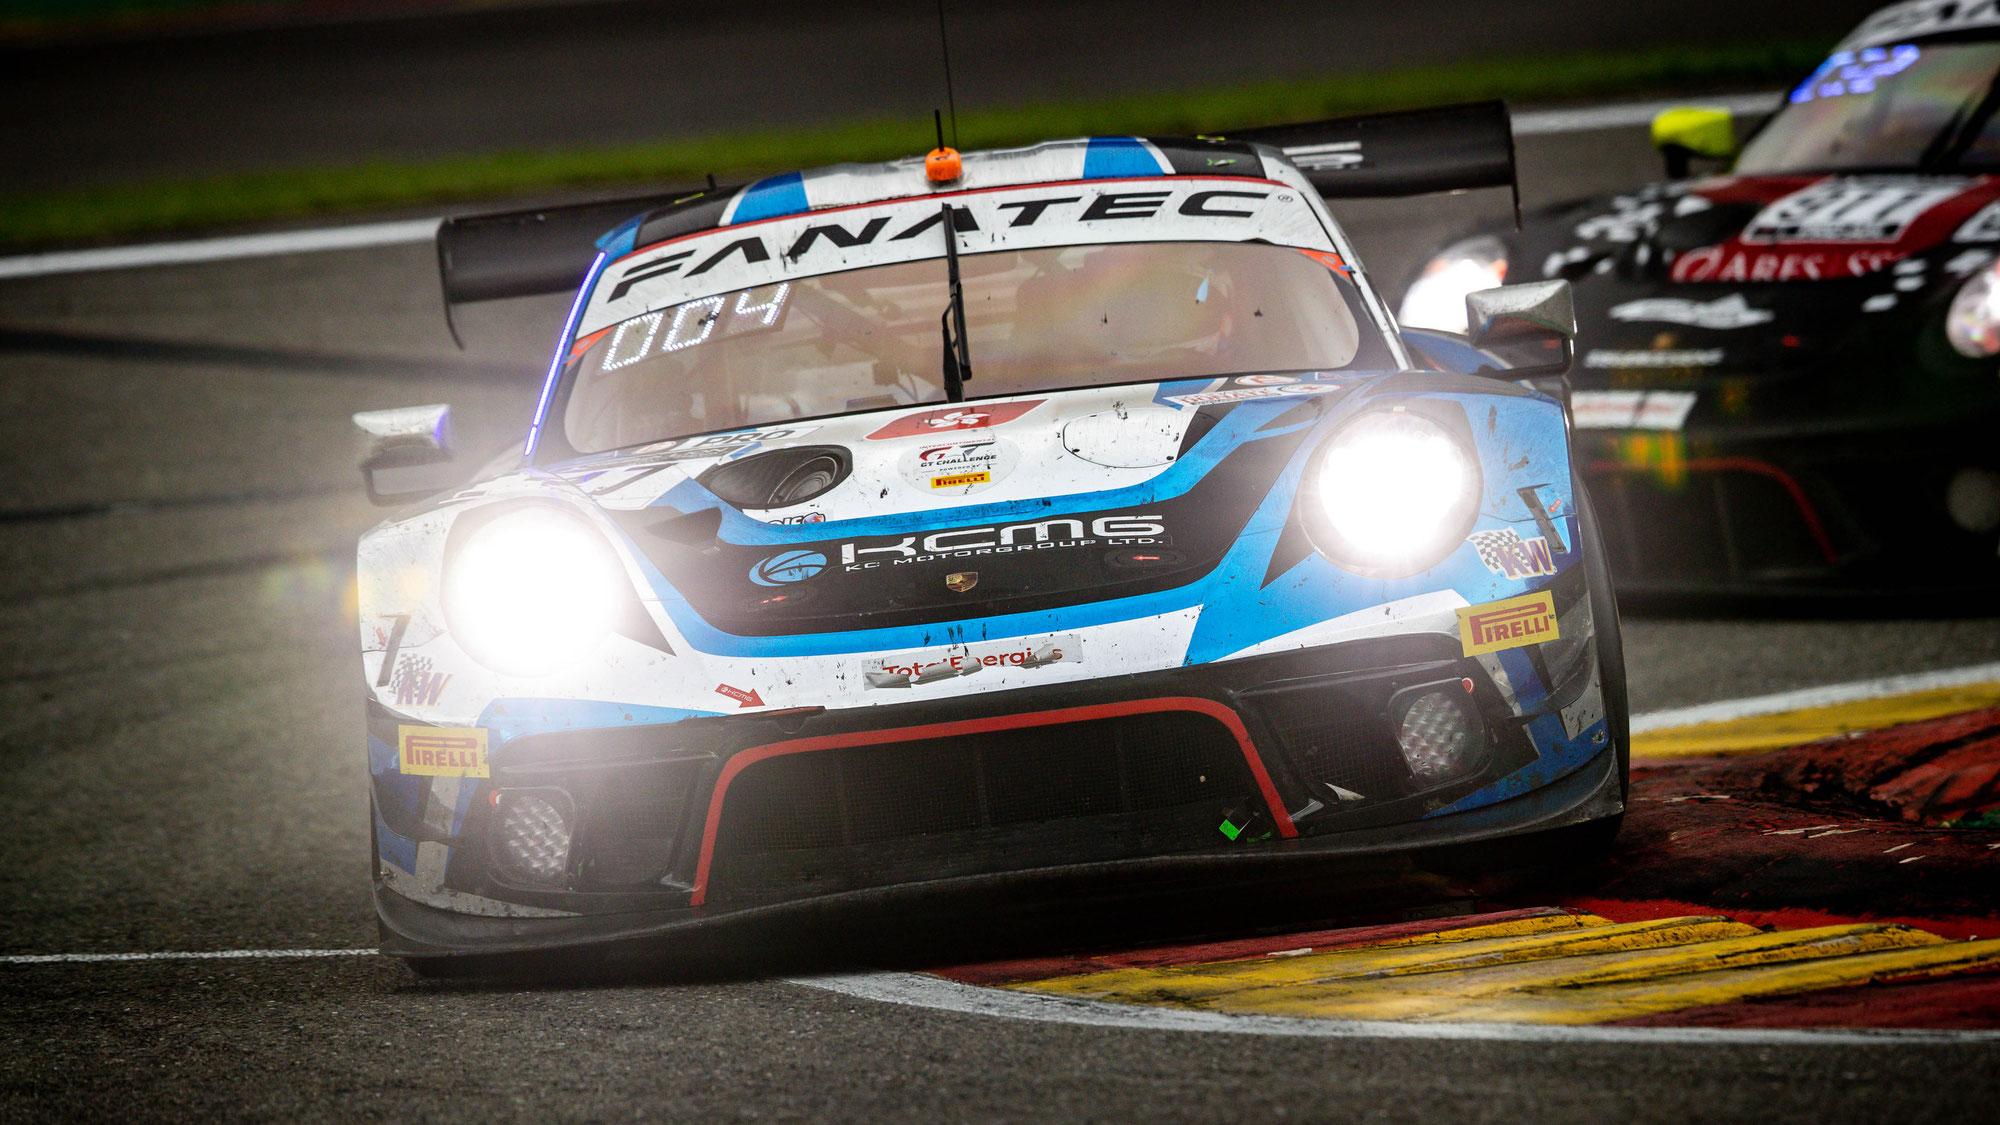 KCMG fährt in Spa mit zwei Porsche 911 GT3 R in die Top 12